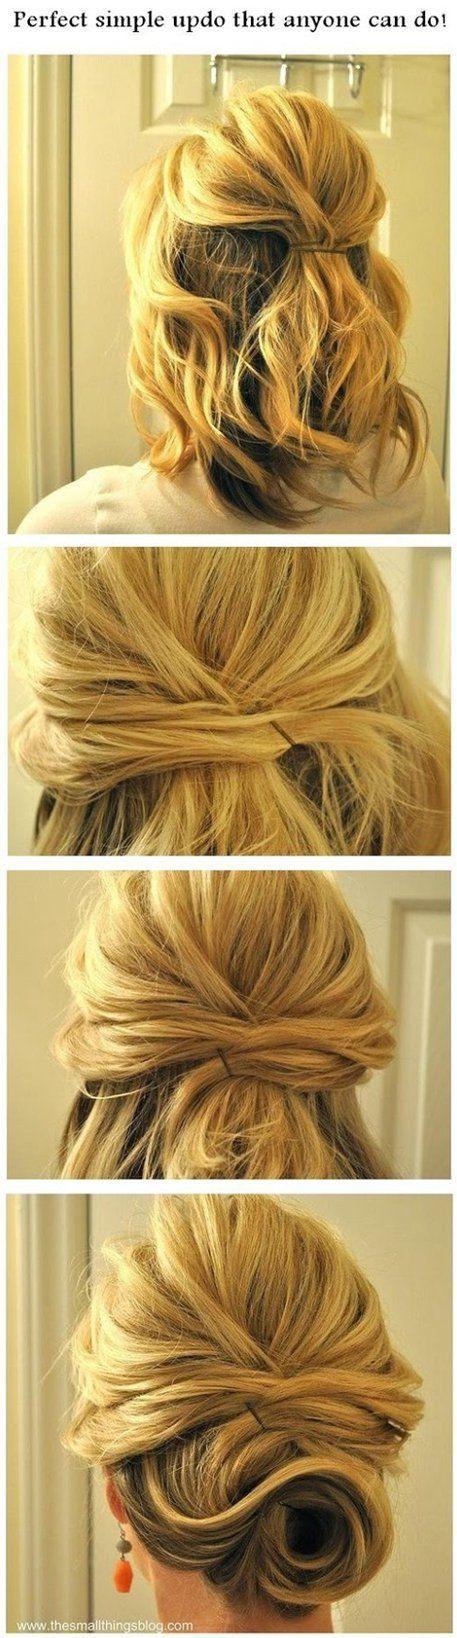 10 peinados para cabello corto – Mujer de 10: Guía real para la mujer actual. Entérate ya. – Peinados facile